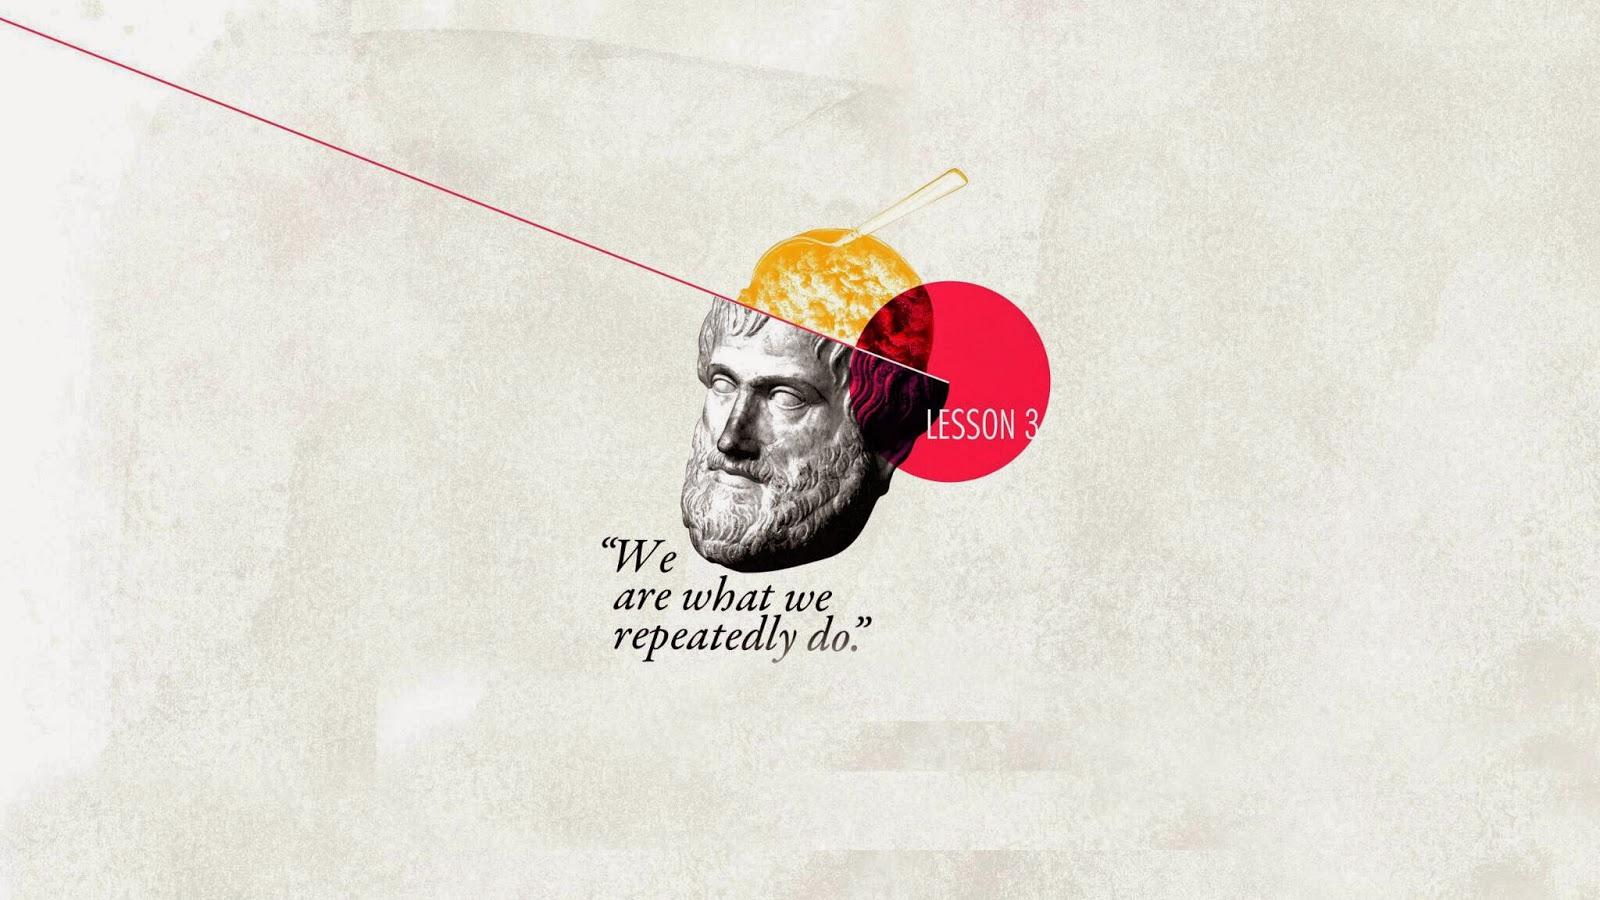 Best 44 Philosophical Desktop Backgrounds on HipWallpaper 1600x900